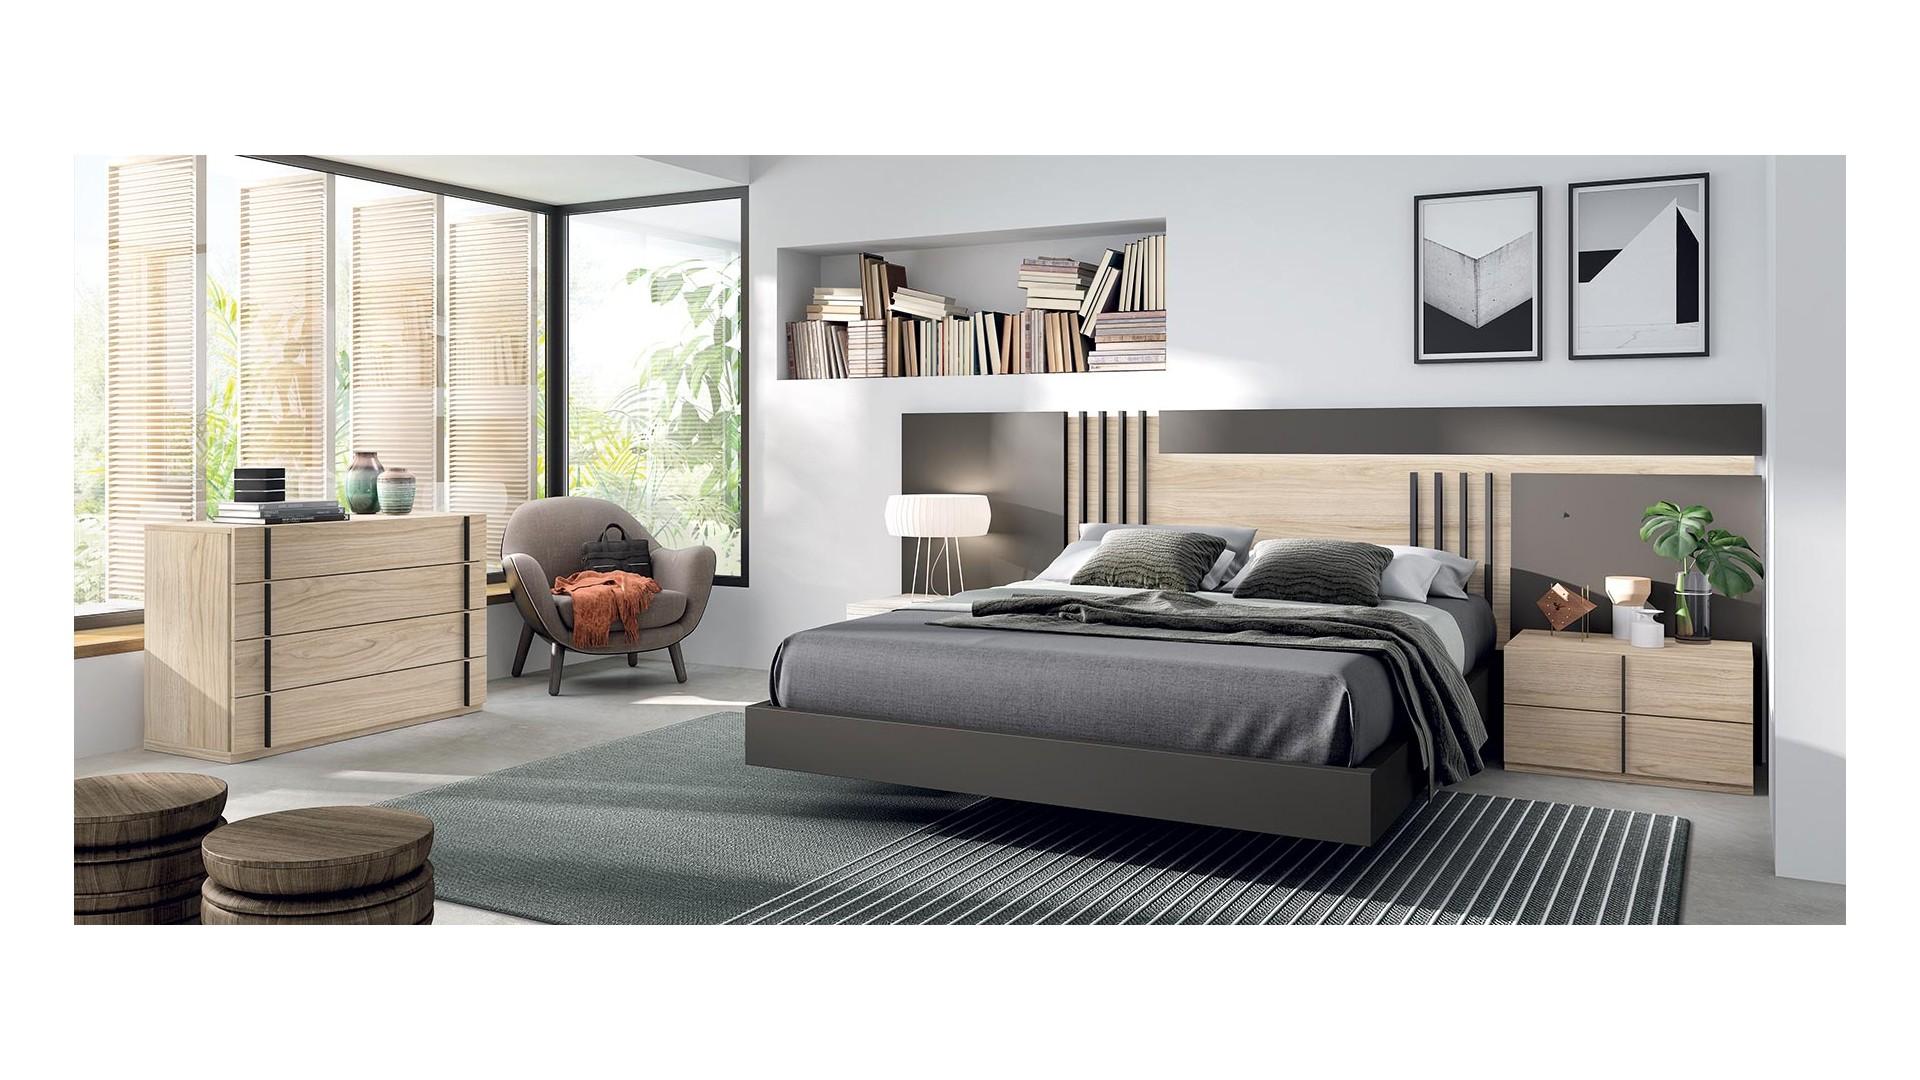 Chambre à coucher adulte PERSONNALISABLE COSMO 09 - GLICERIO